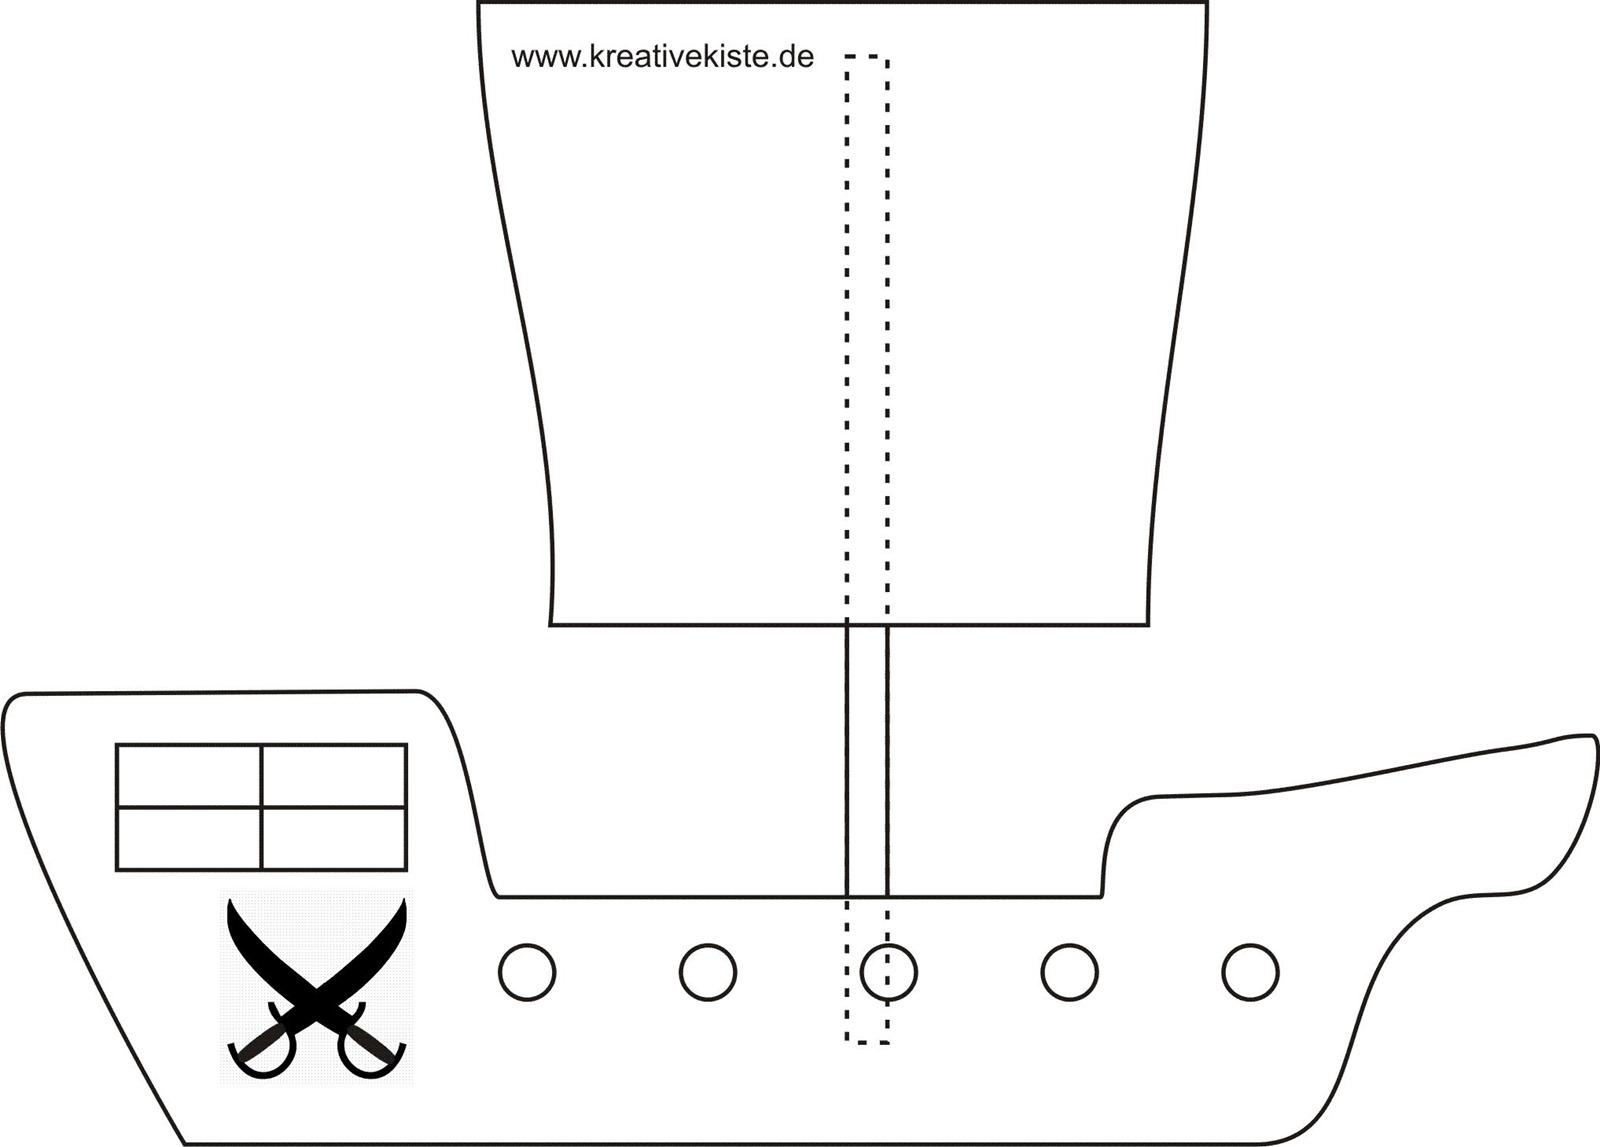 Laubsäge Vorlagen ganzes Bastelvorlage Schiff